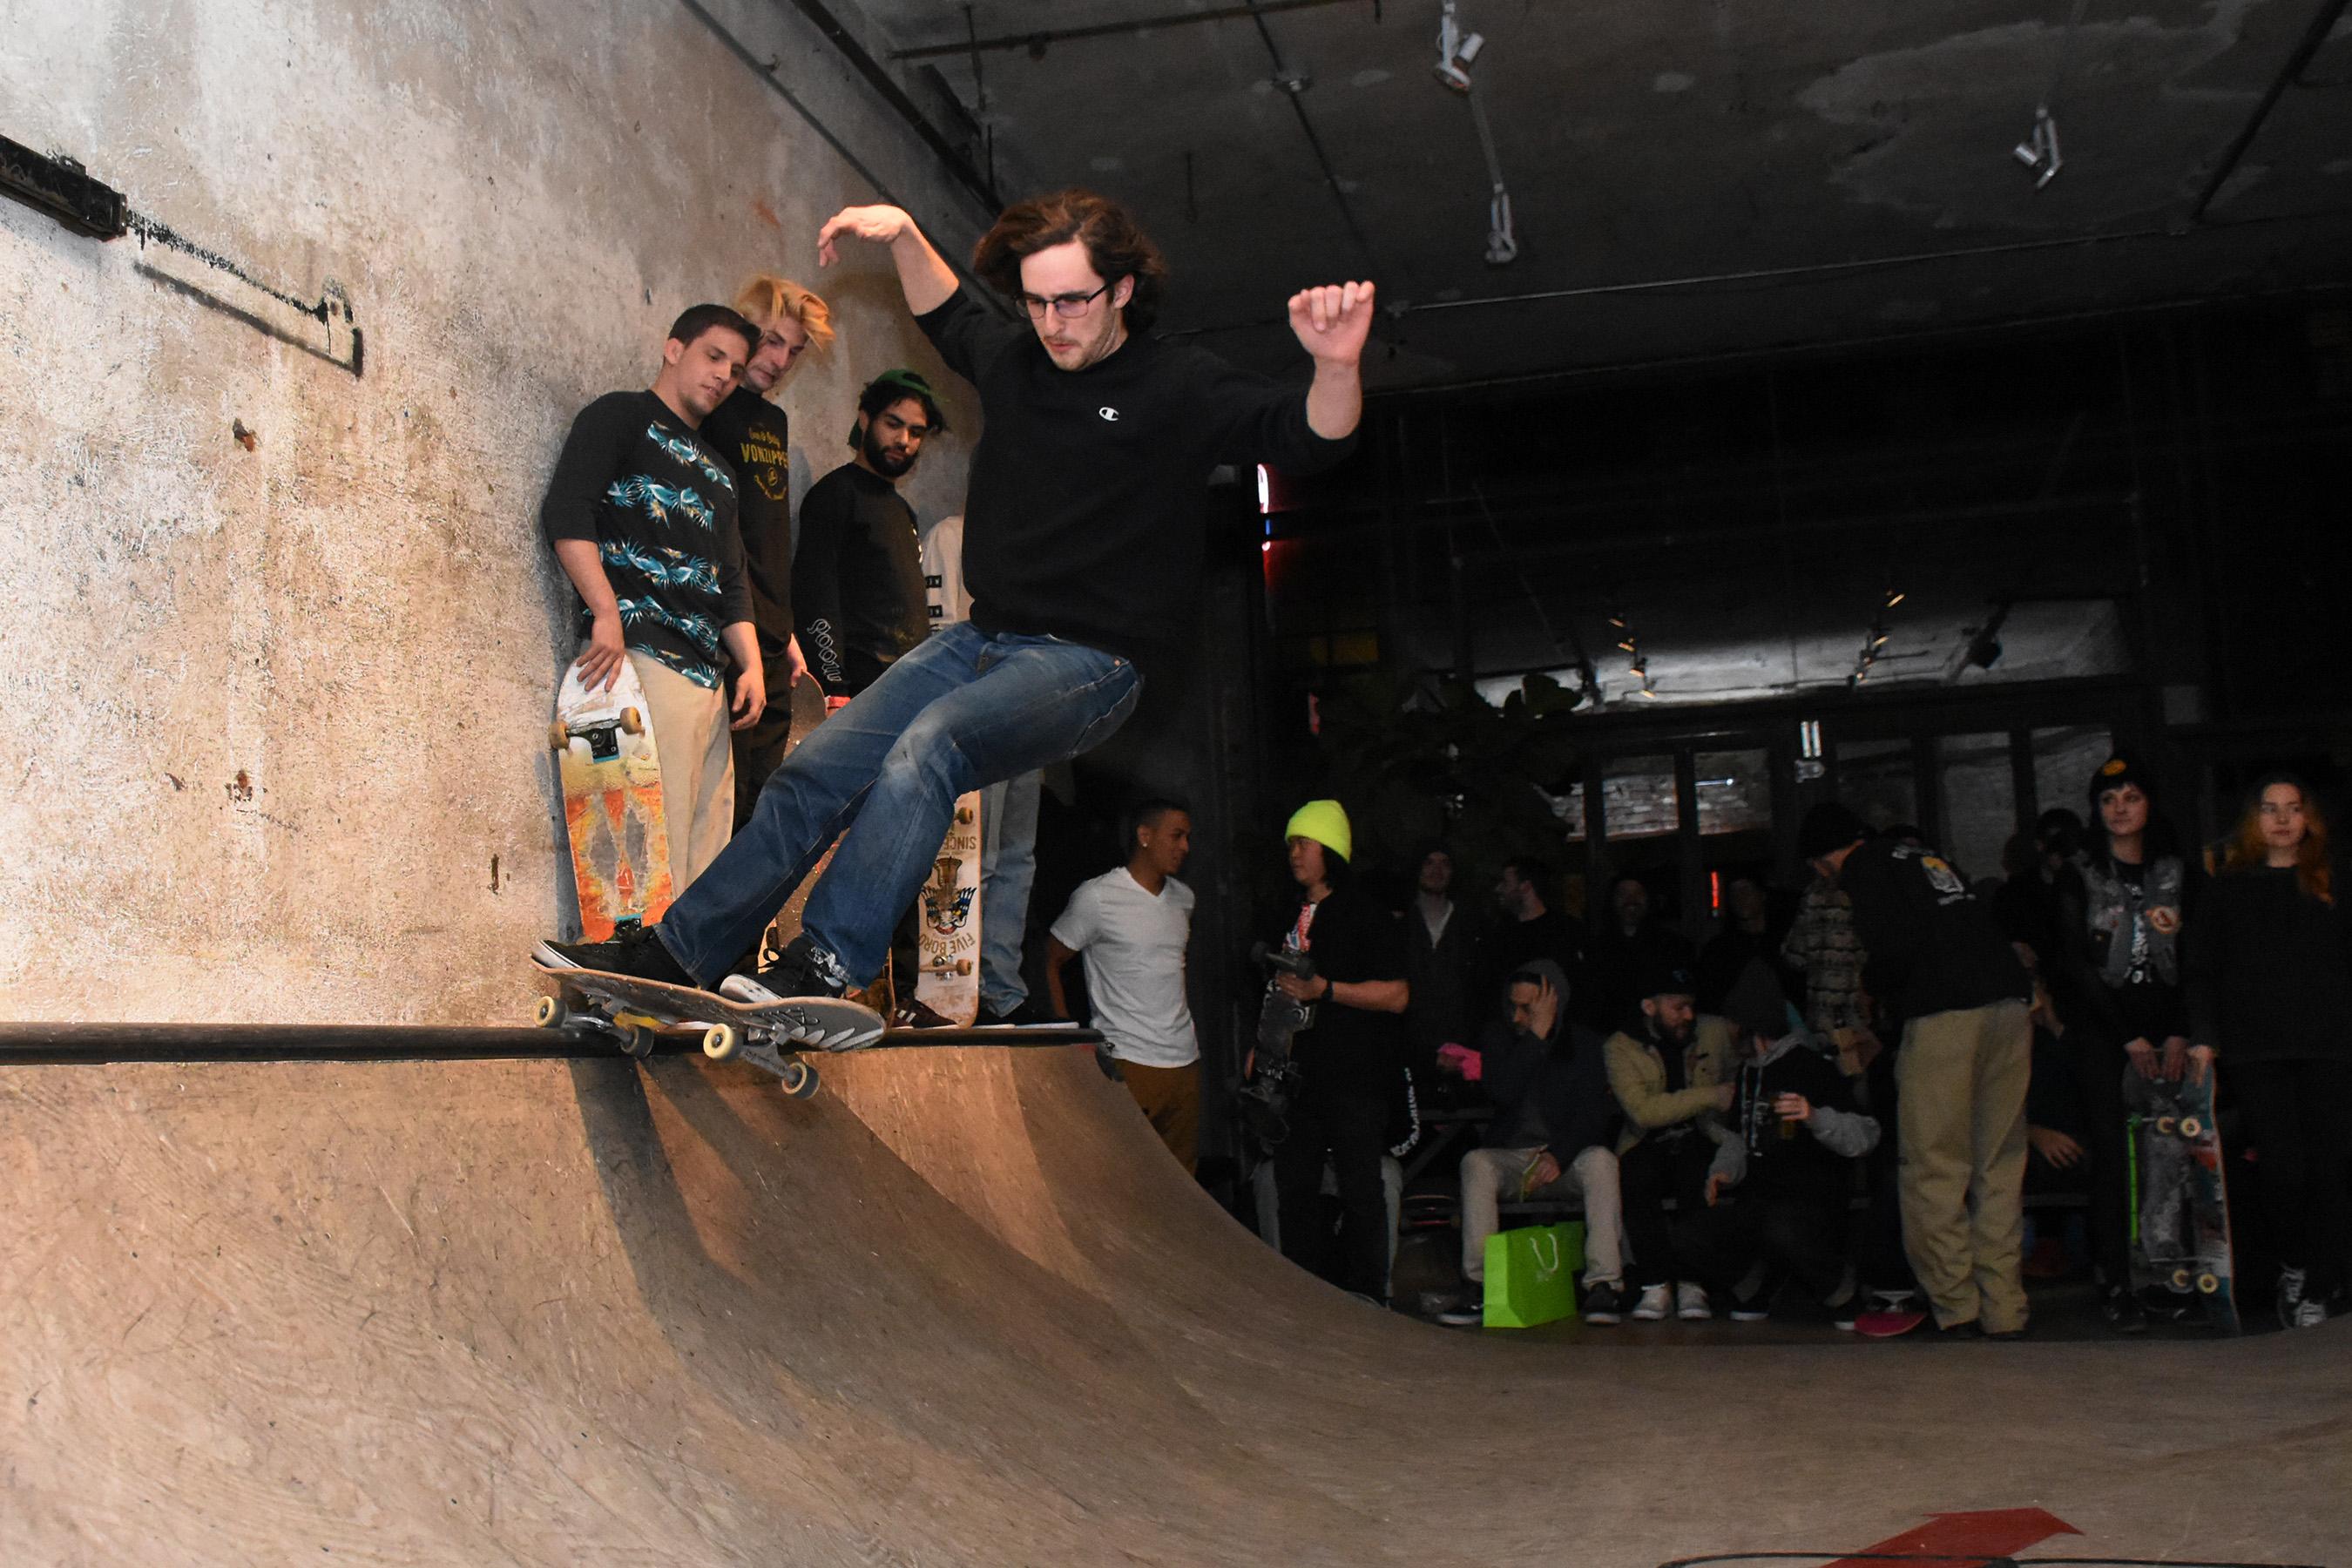 Skate-Night-3-03-12